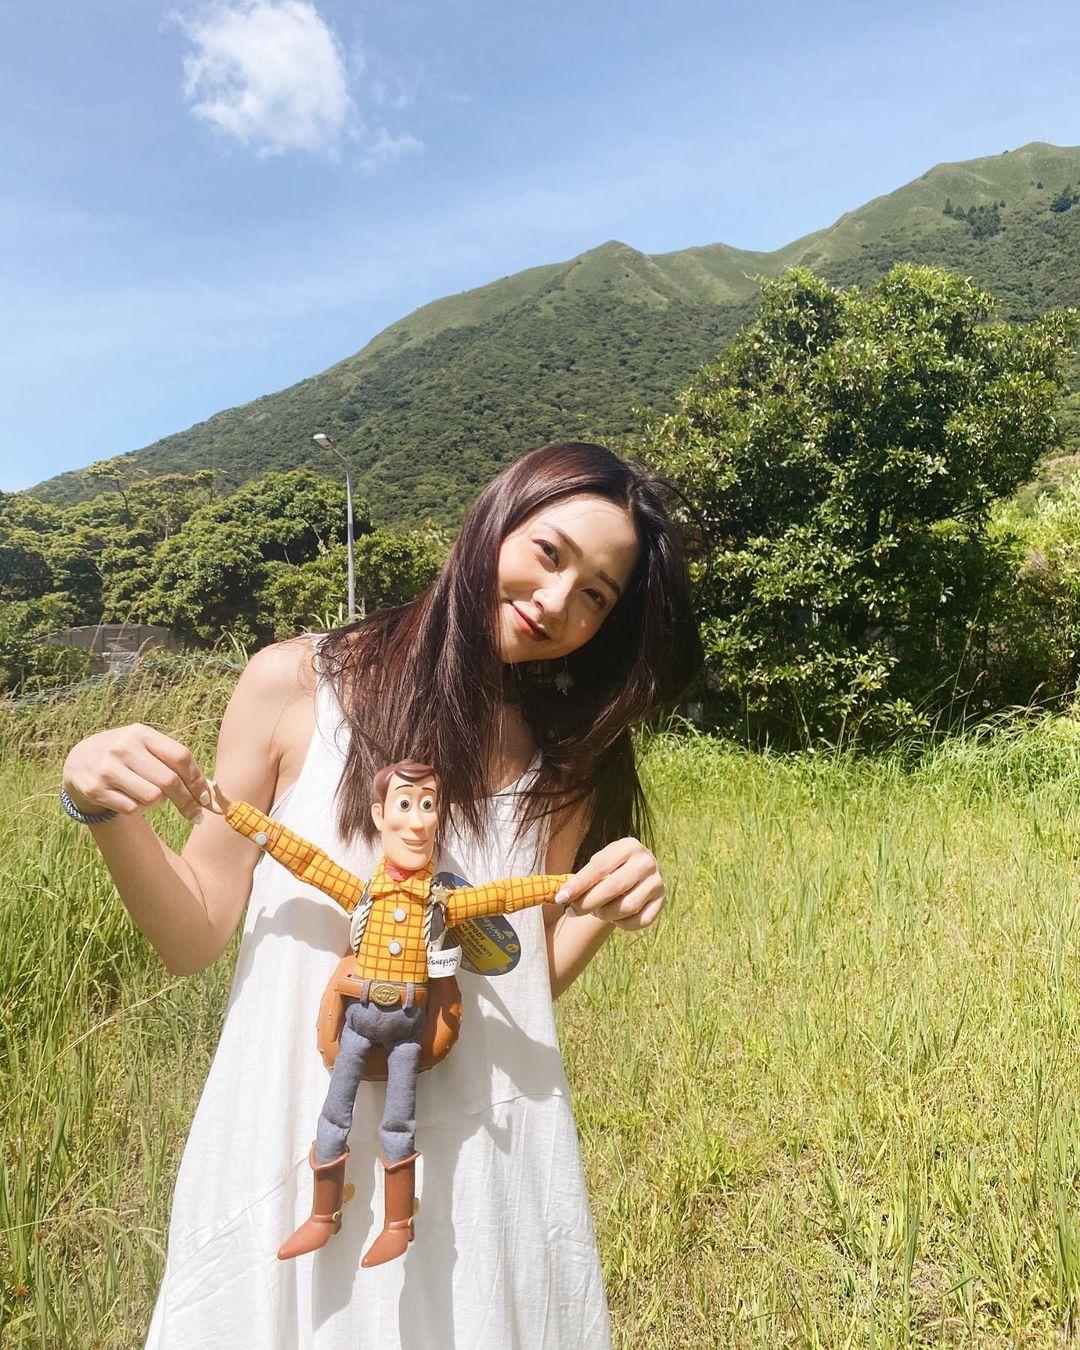 長髮氣質演員 Shiuan 甜美笑容迷倒一群人 - 美女圖 -